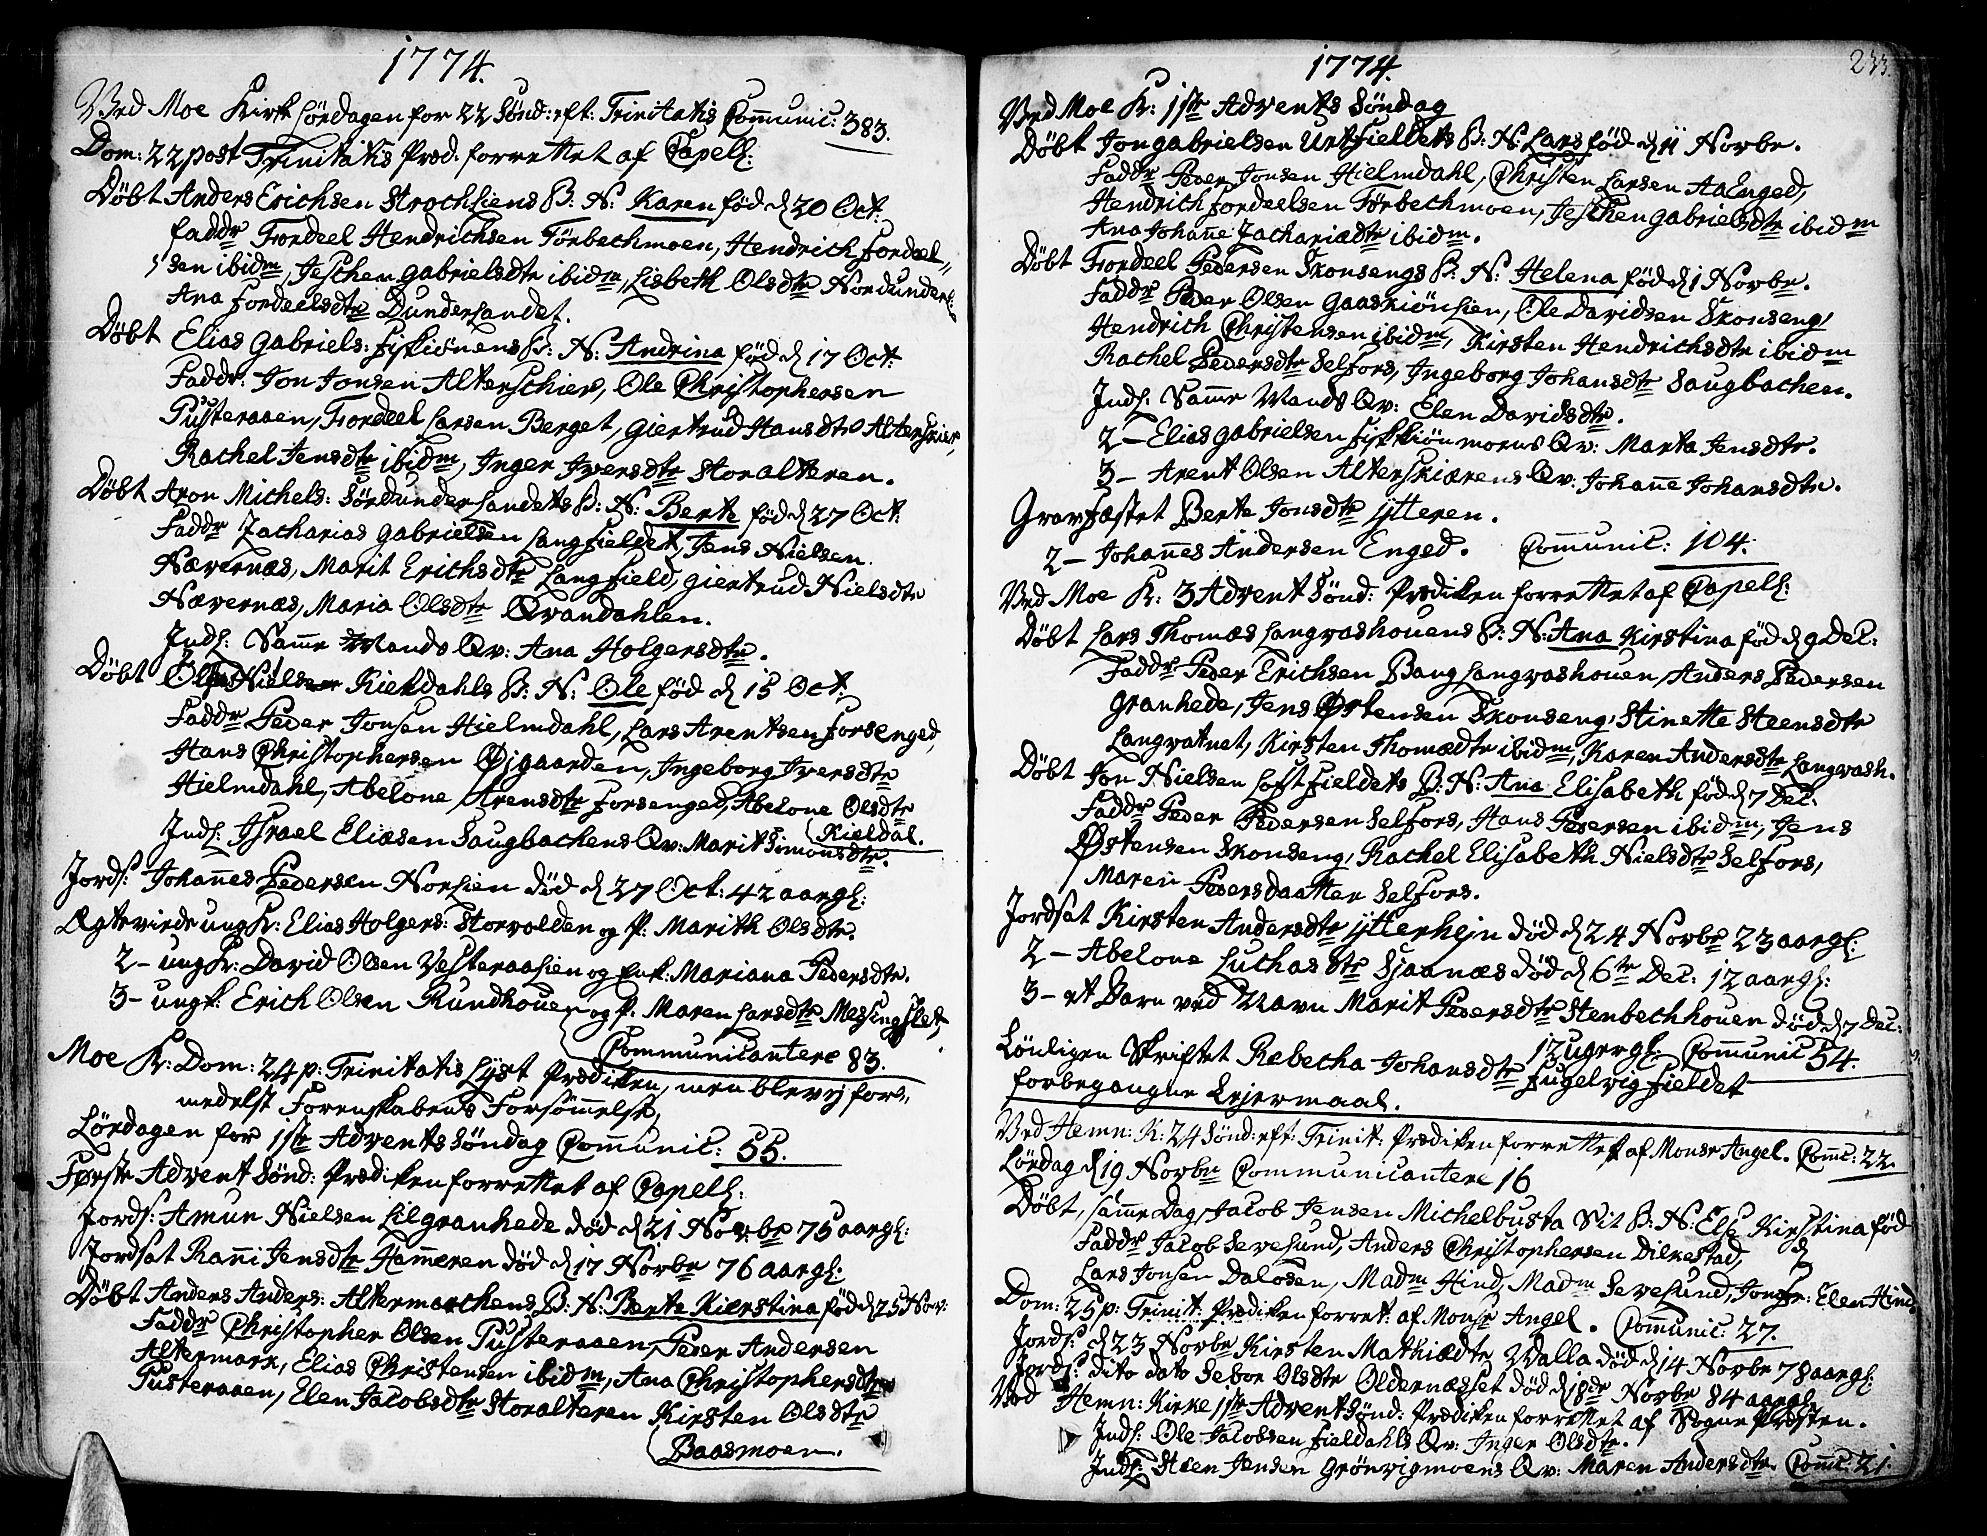 SAT, Ministerialprotokoller, klokkerbøker og fødselsregistre - Nordland, 825/L0348: Parish register (official) no. 825A04, 1752-1788, p. 233